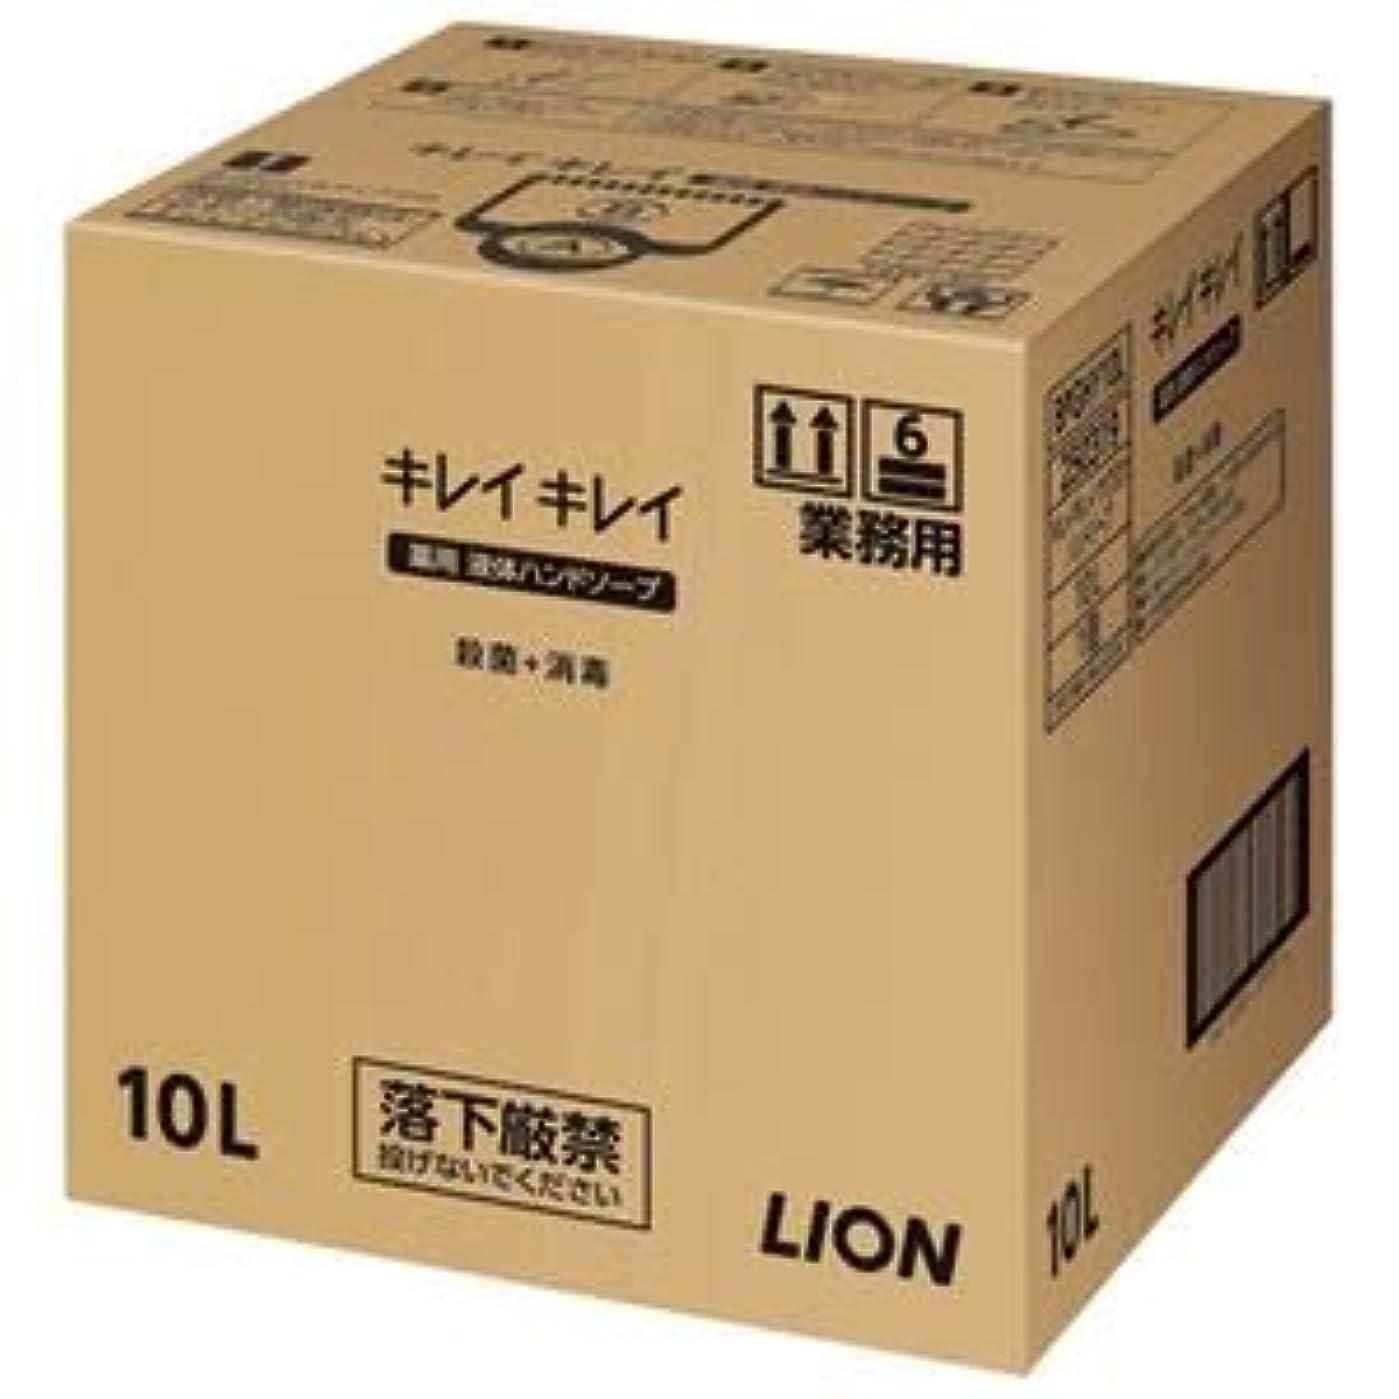 (まとめ)ライオン キレイキレイ 薬用ハンドソープ 10L【×5セット】